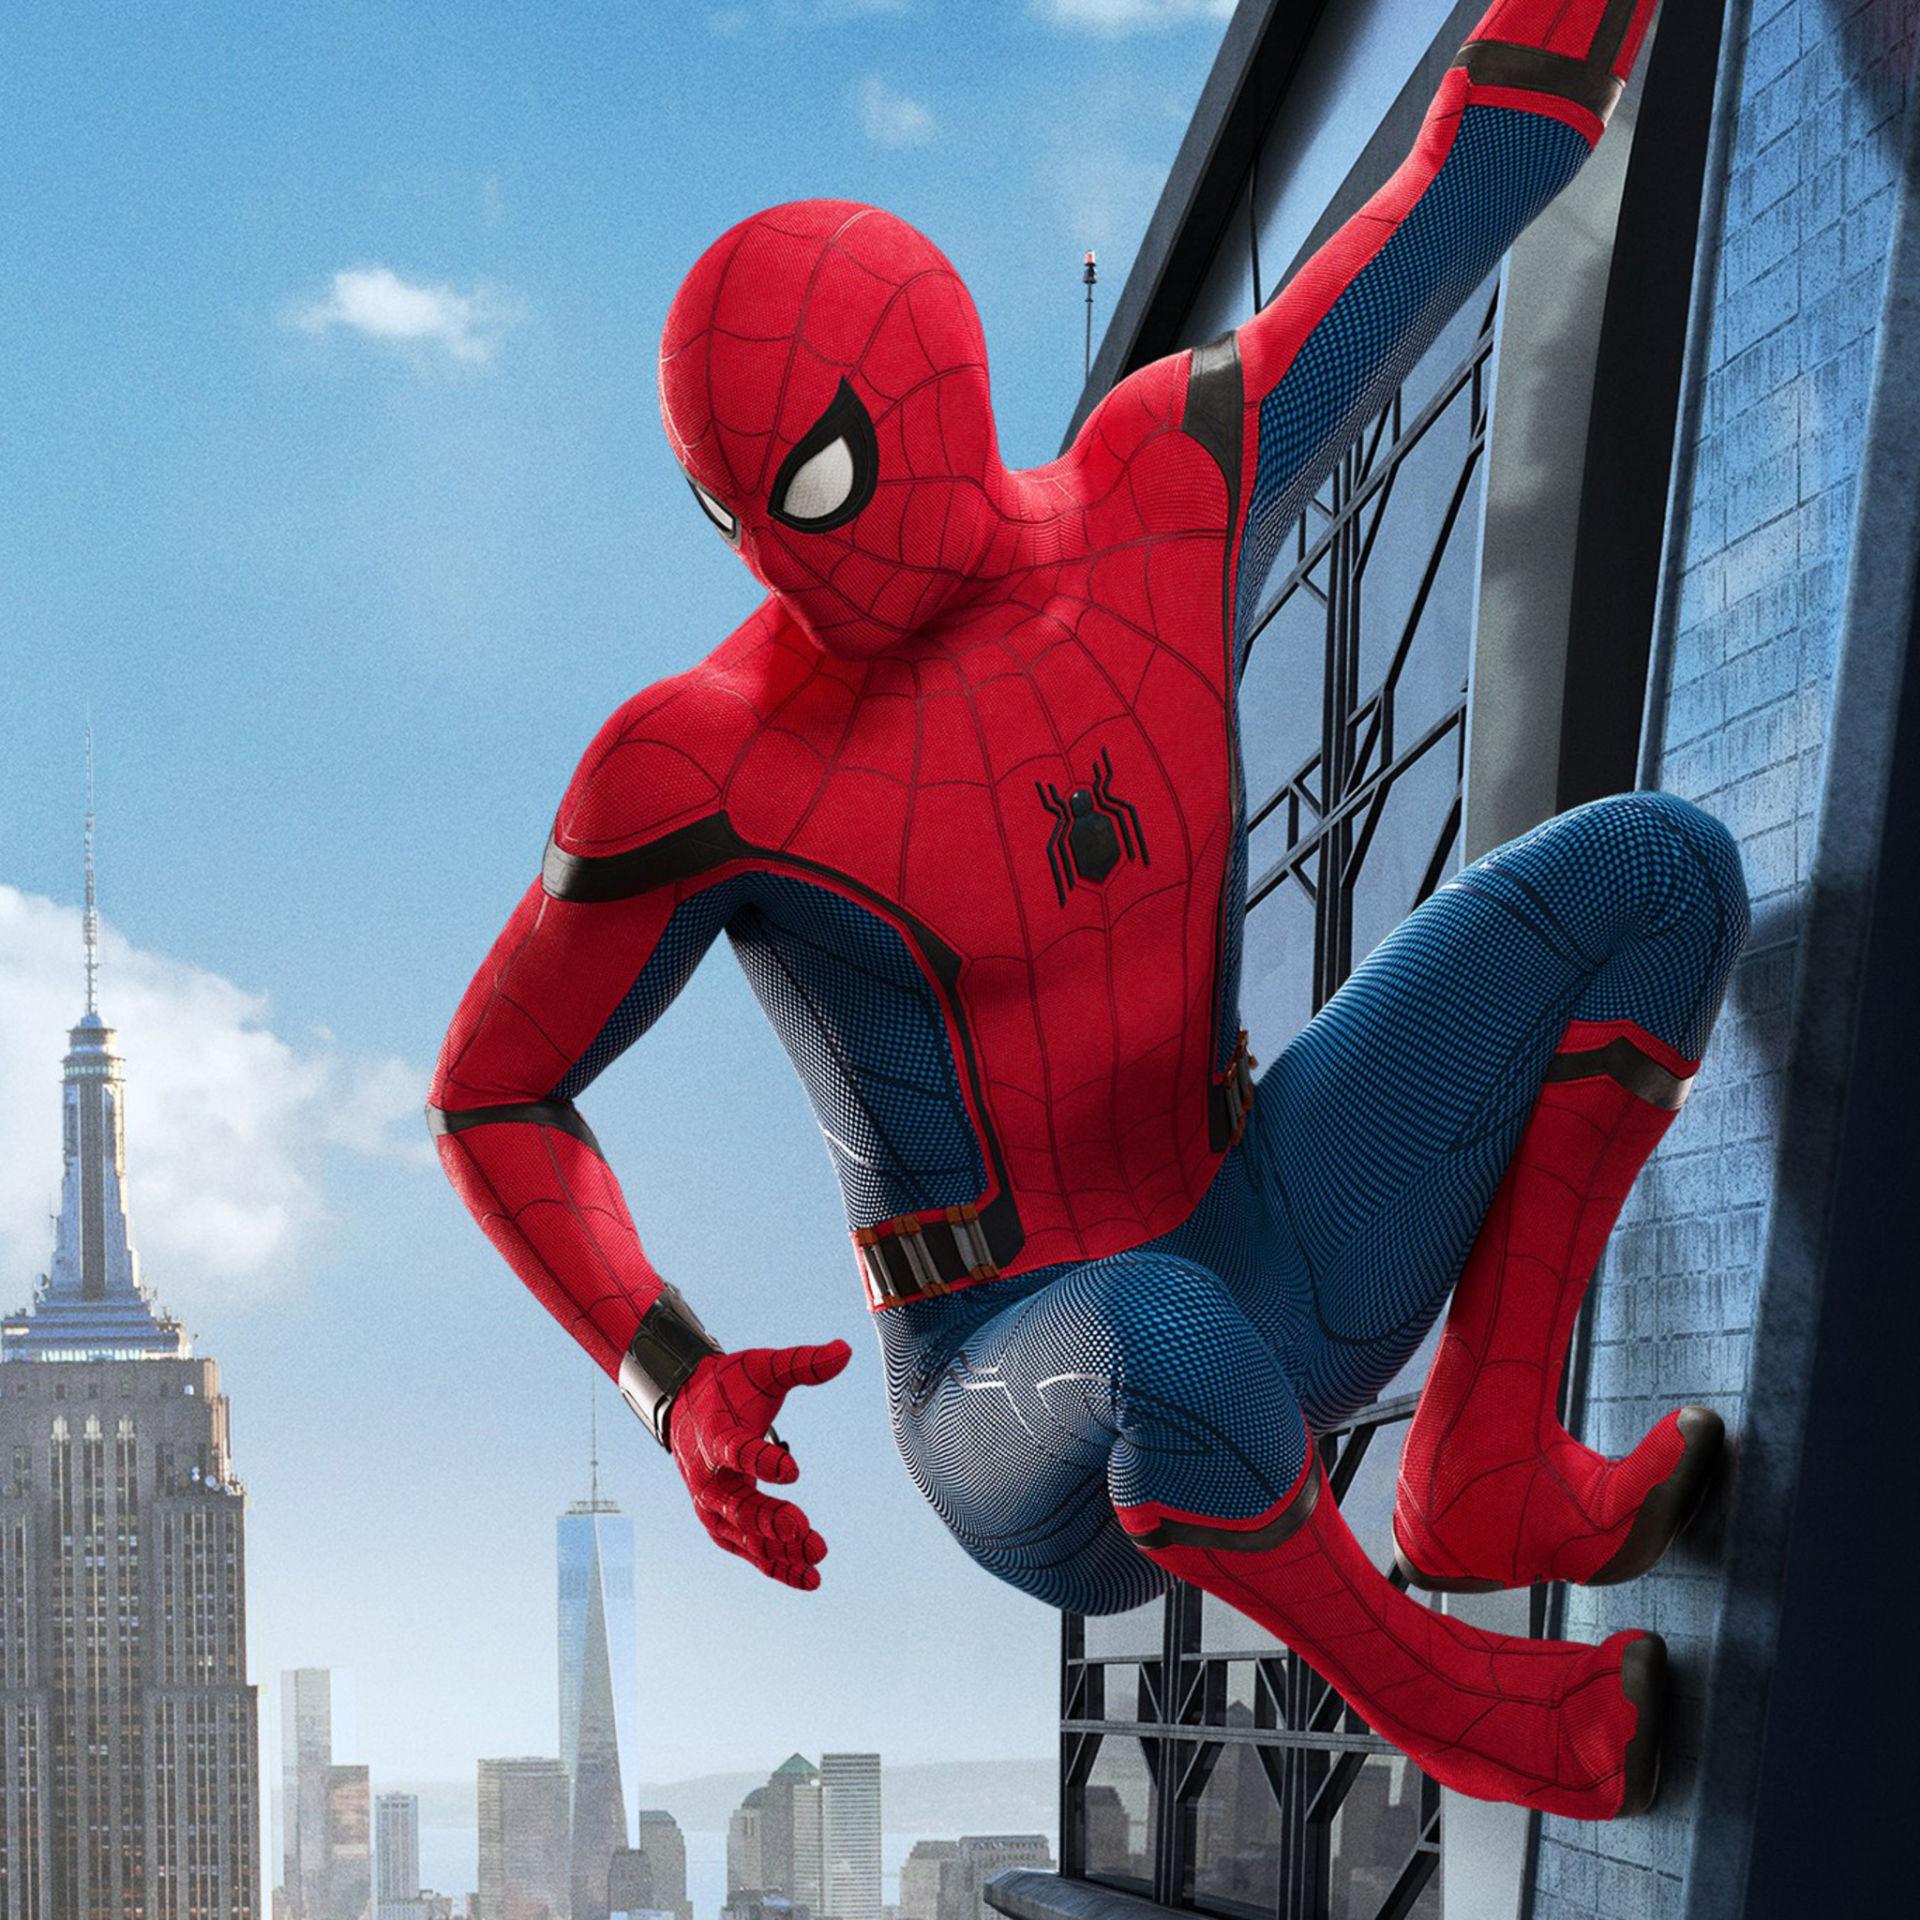 Смотри! Новый Человек-паук 4 фильм 2018 года